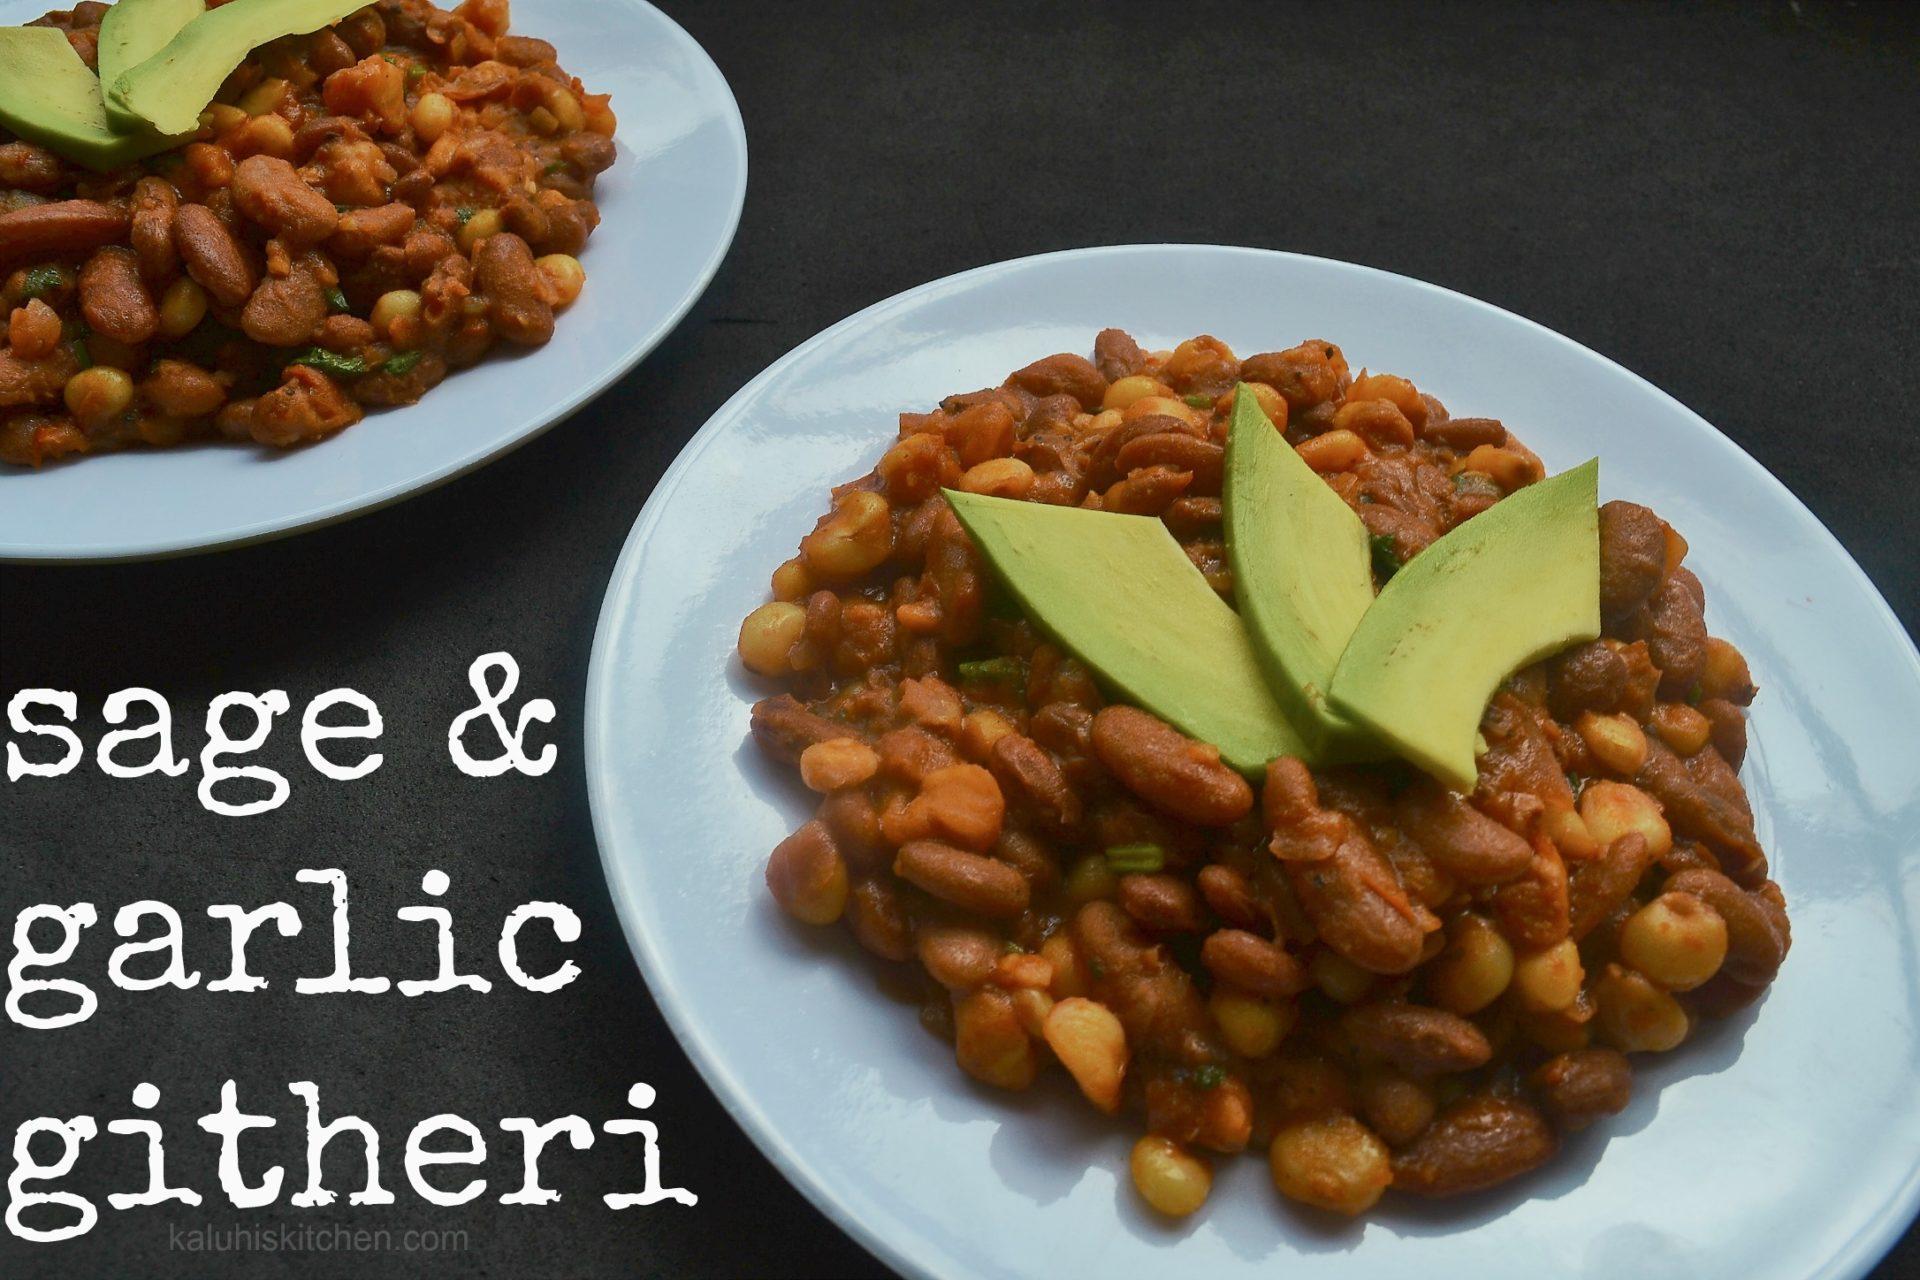 githeri_sage and garlic githeri_kenyan food_kenyan cuisine_kaluhiskitchen.com